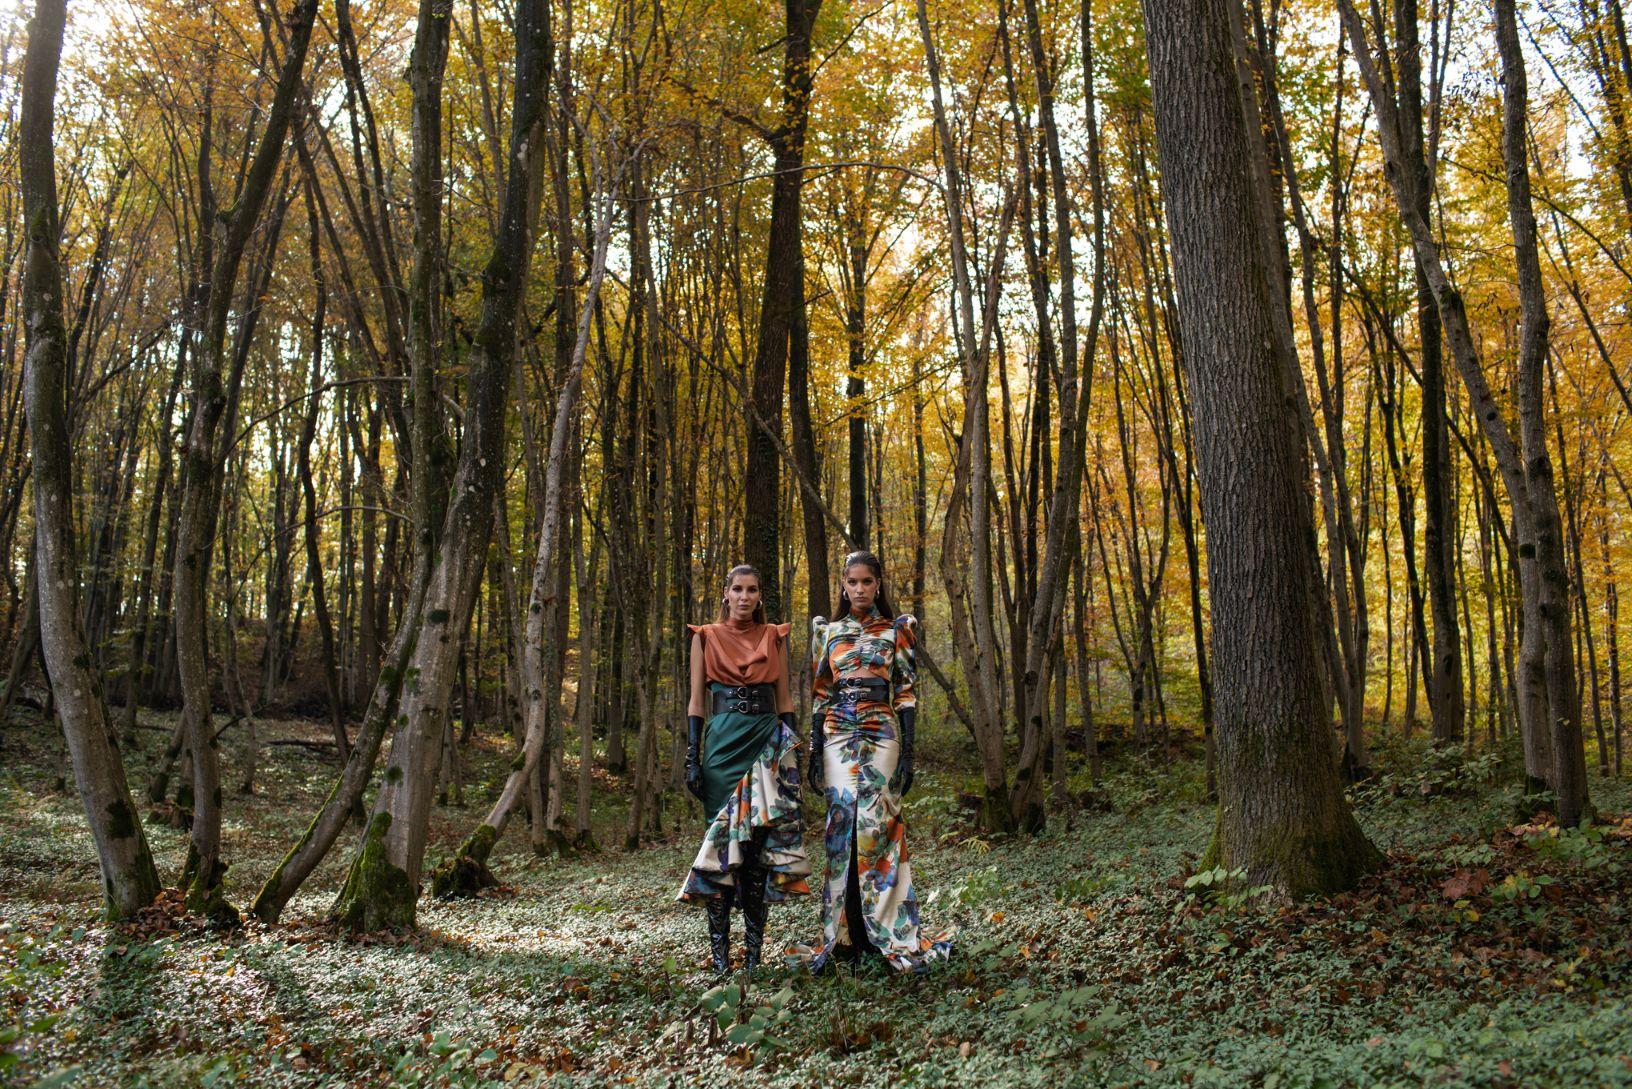 Virtualna revija dvojca eNVy room na čudesnoj šumskoj pisti!